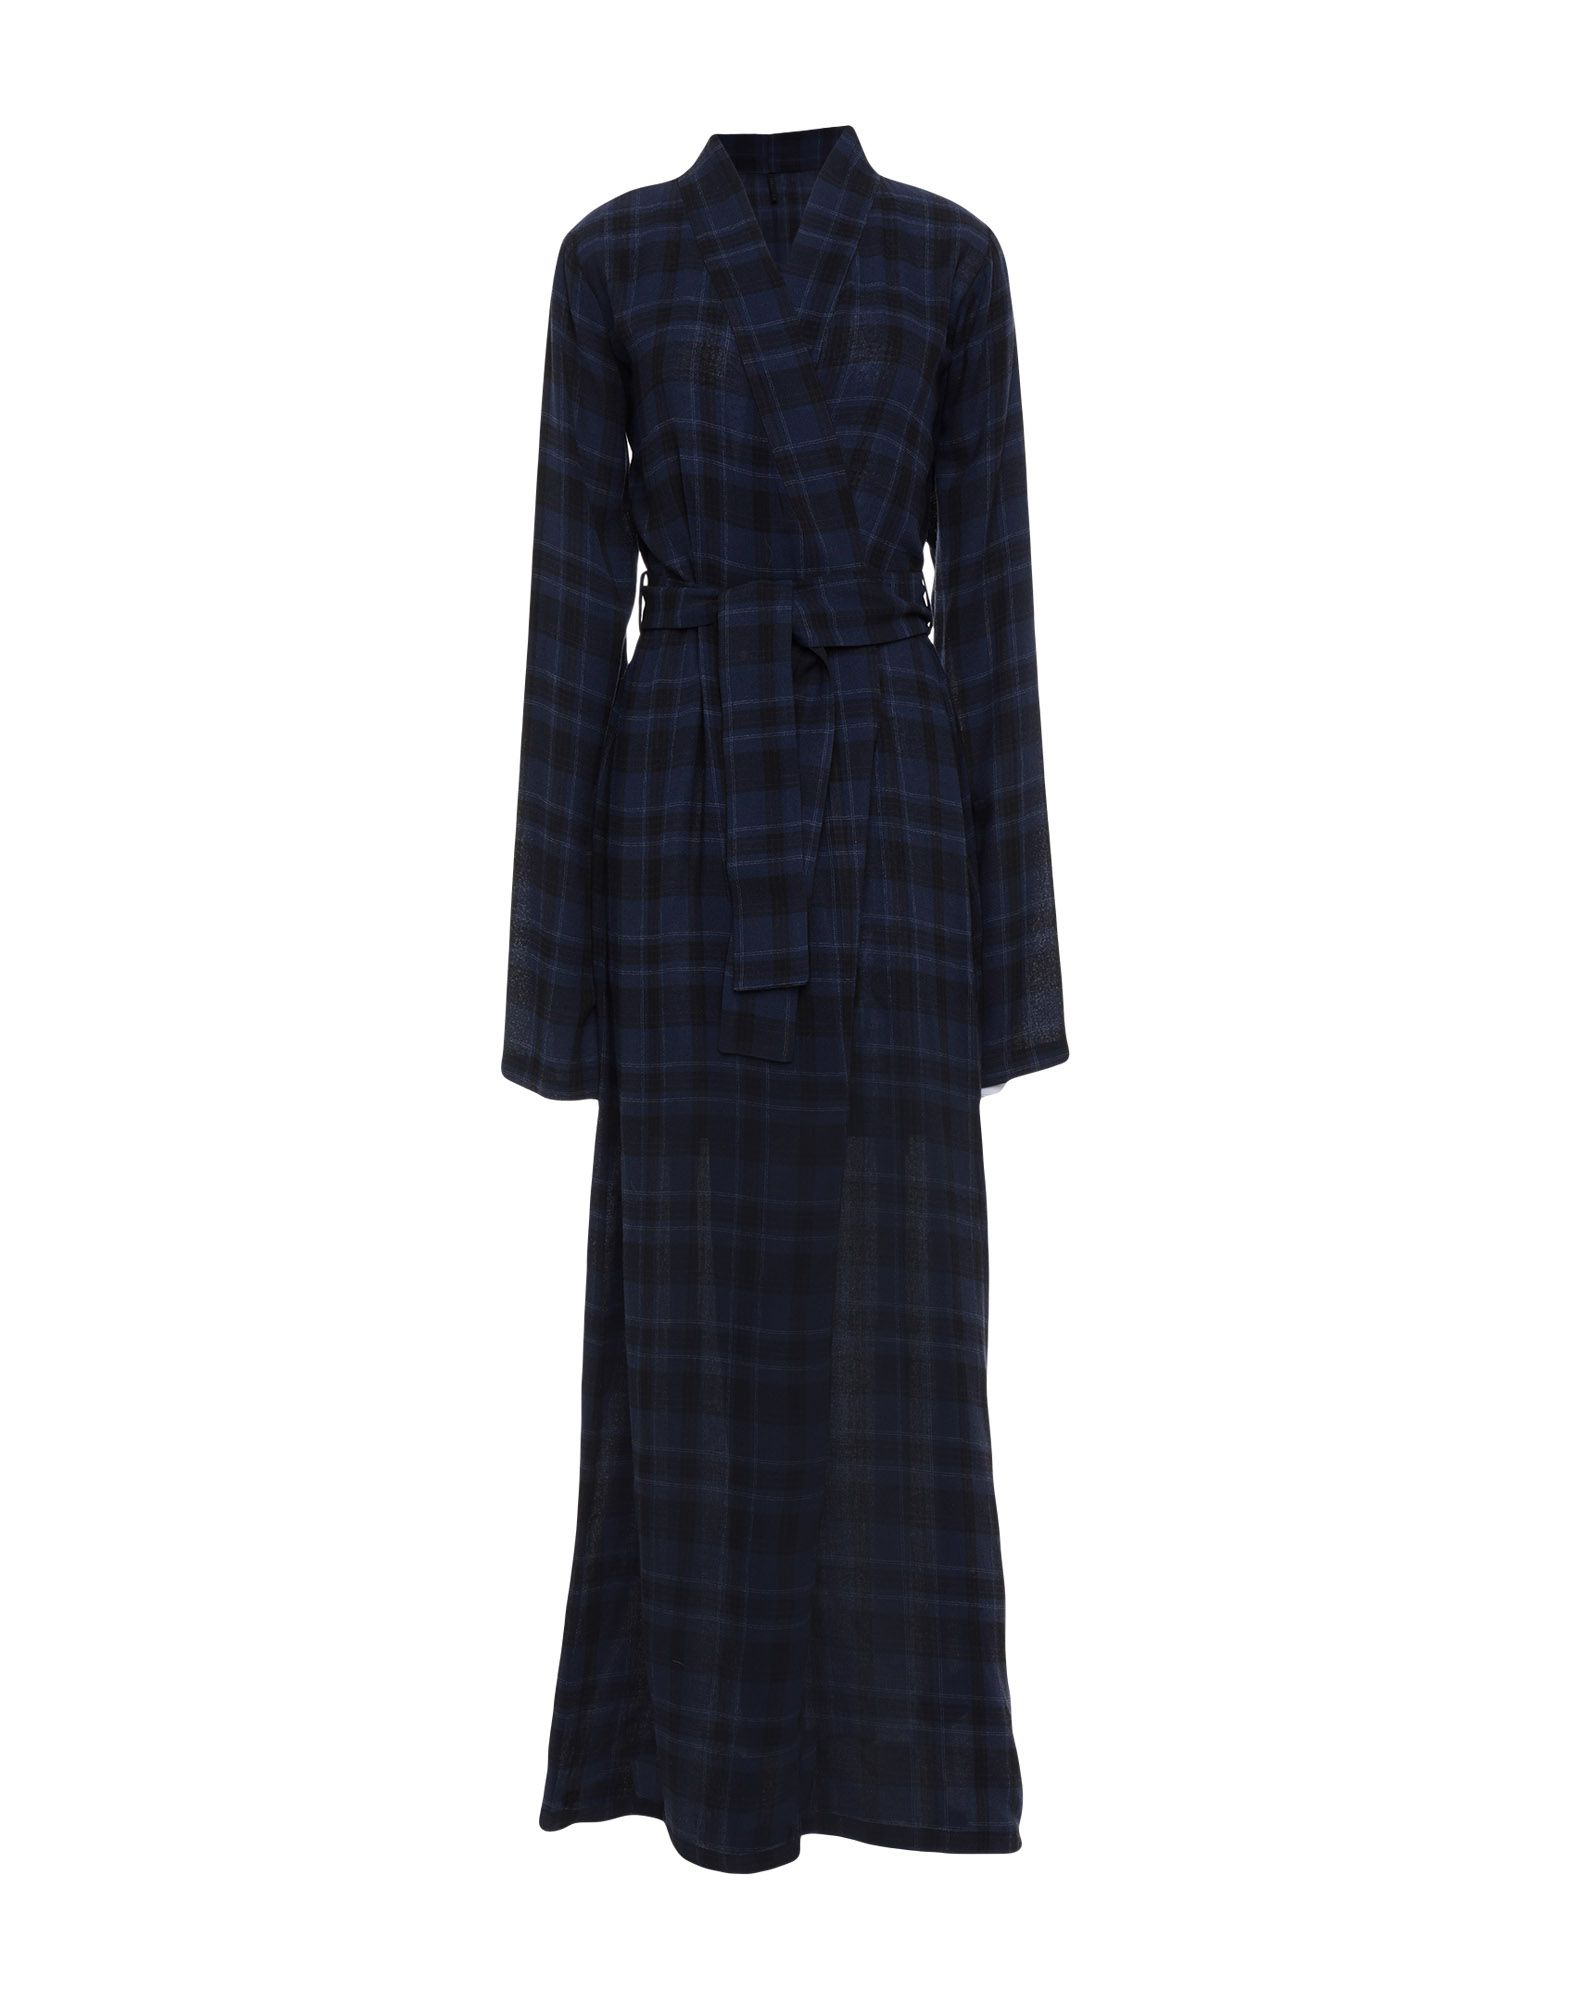 BEN TAVERNITI™ UNRAVEL PROJECT Пальто y project легкое пальто